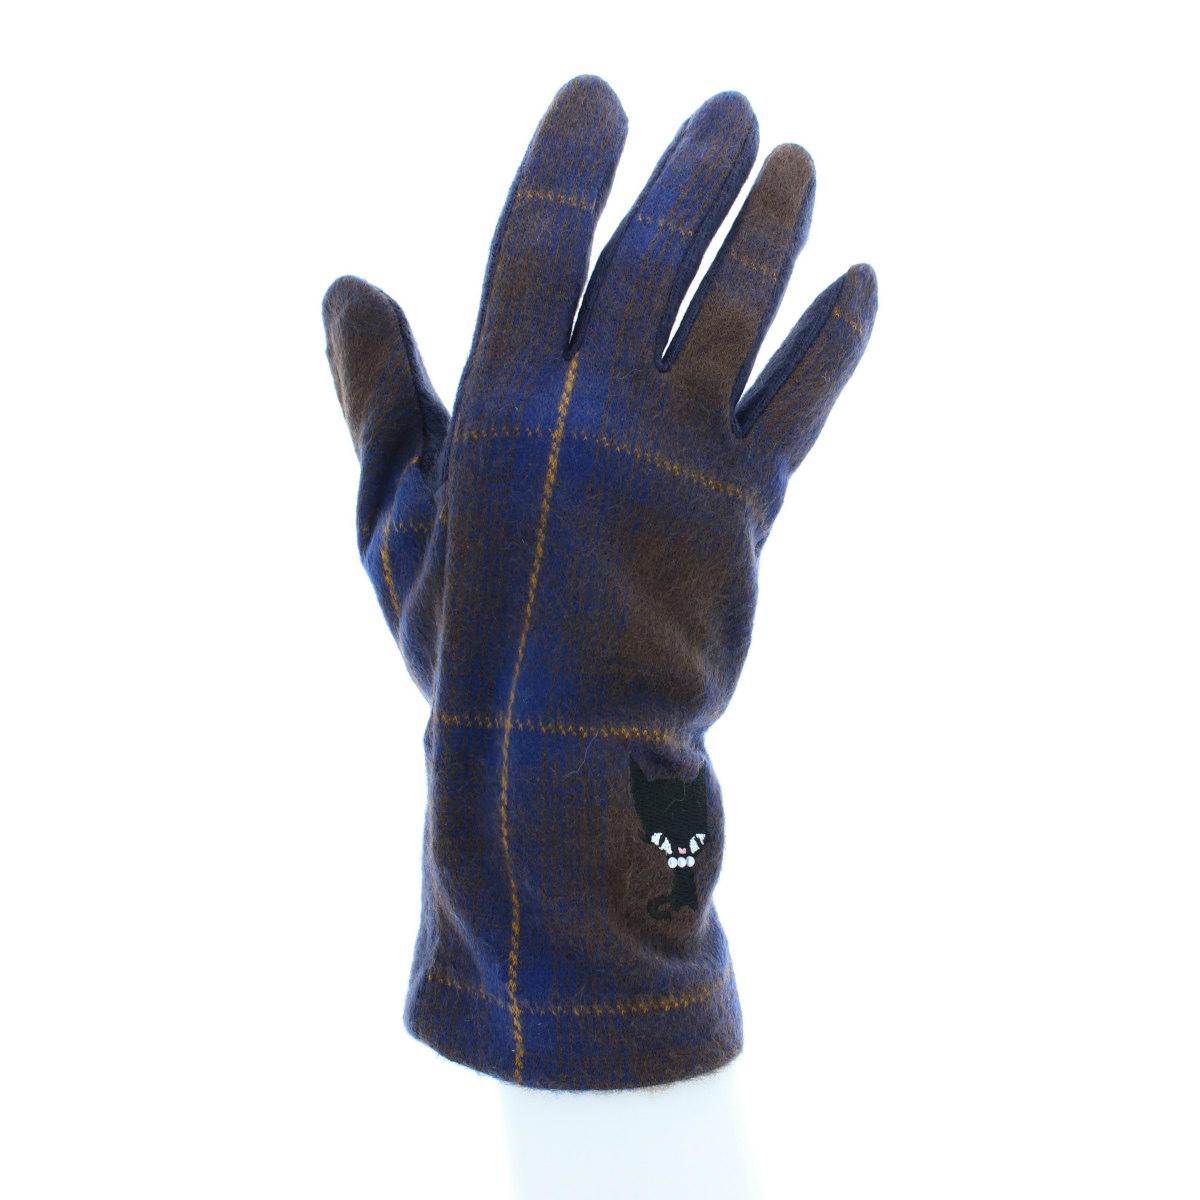 内藤ルネ レディース手袋 甲側タータンチェック生地 ルネキャット刺繍 Mサイズ 全4色